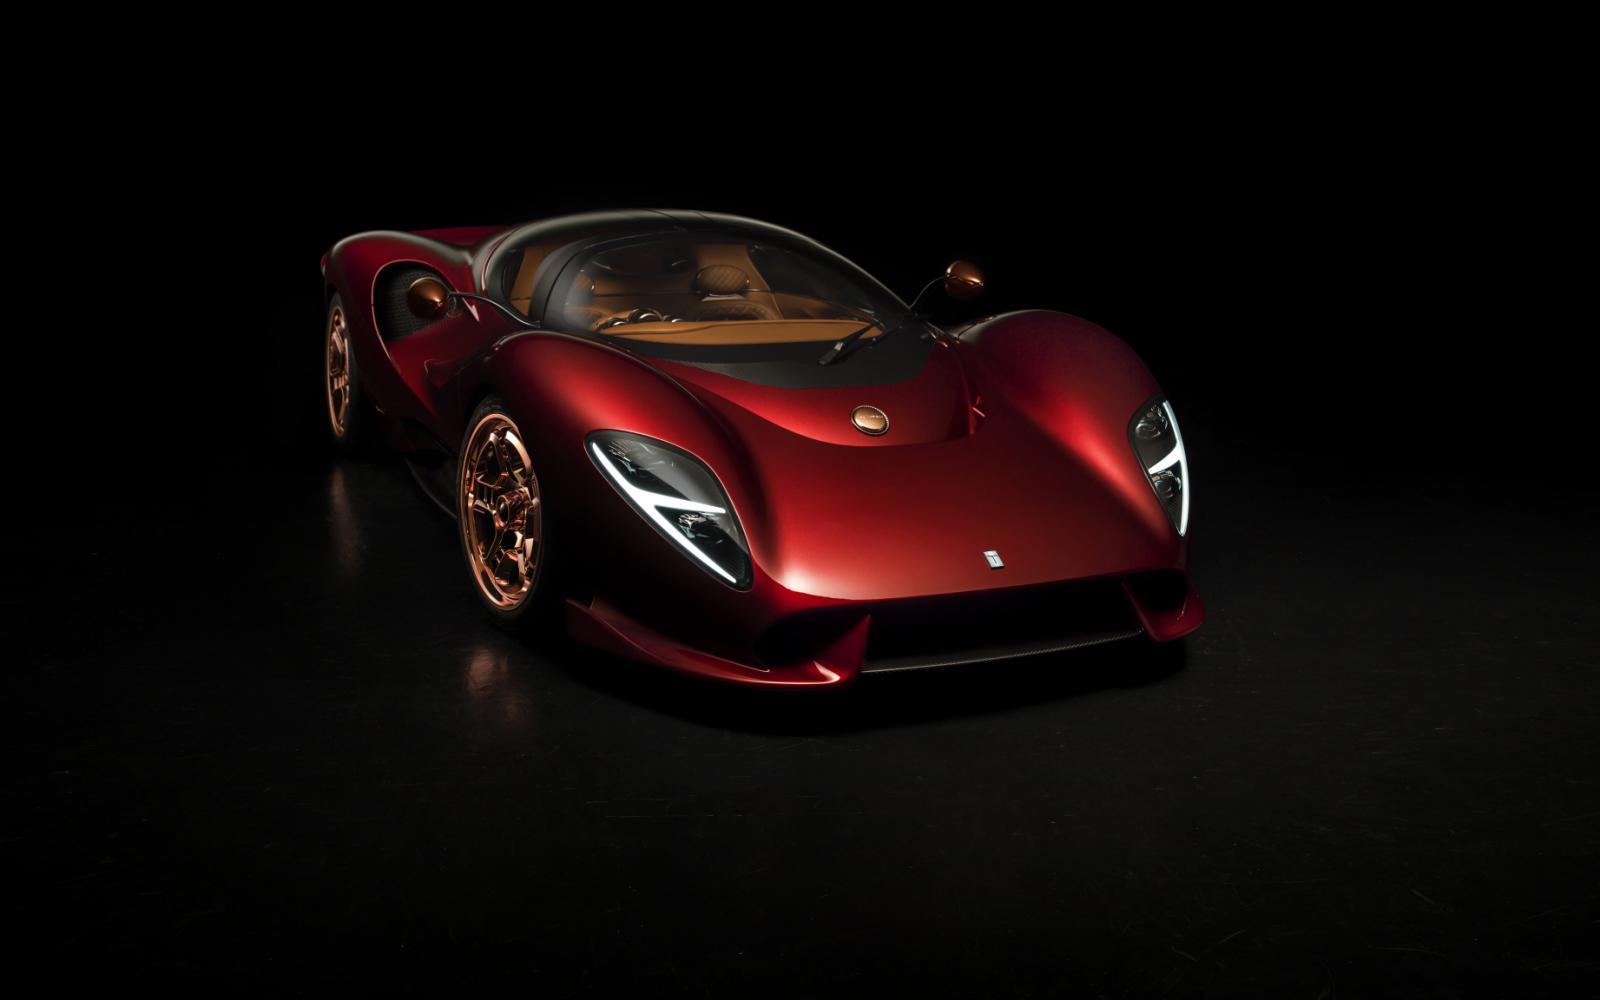 Naar goed gebruik: De Tomaso P72 krijgt supercharged V8 van Ford